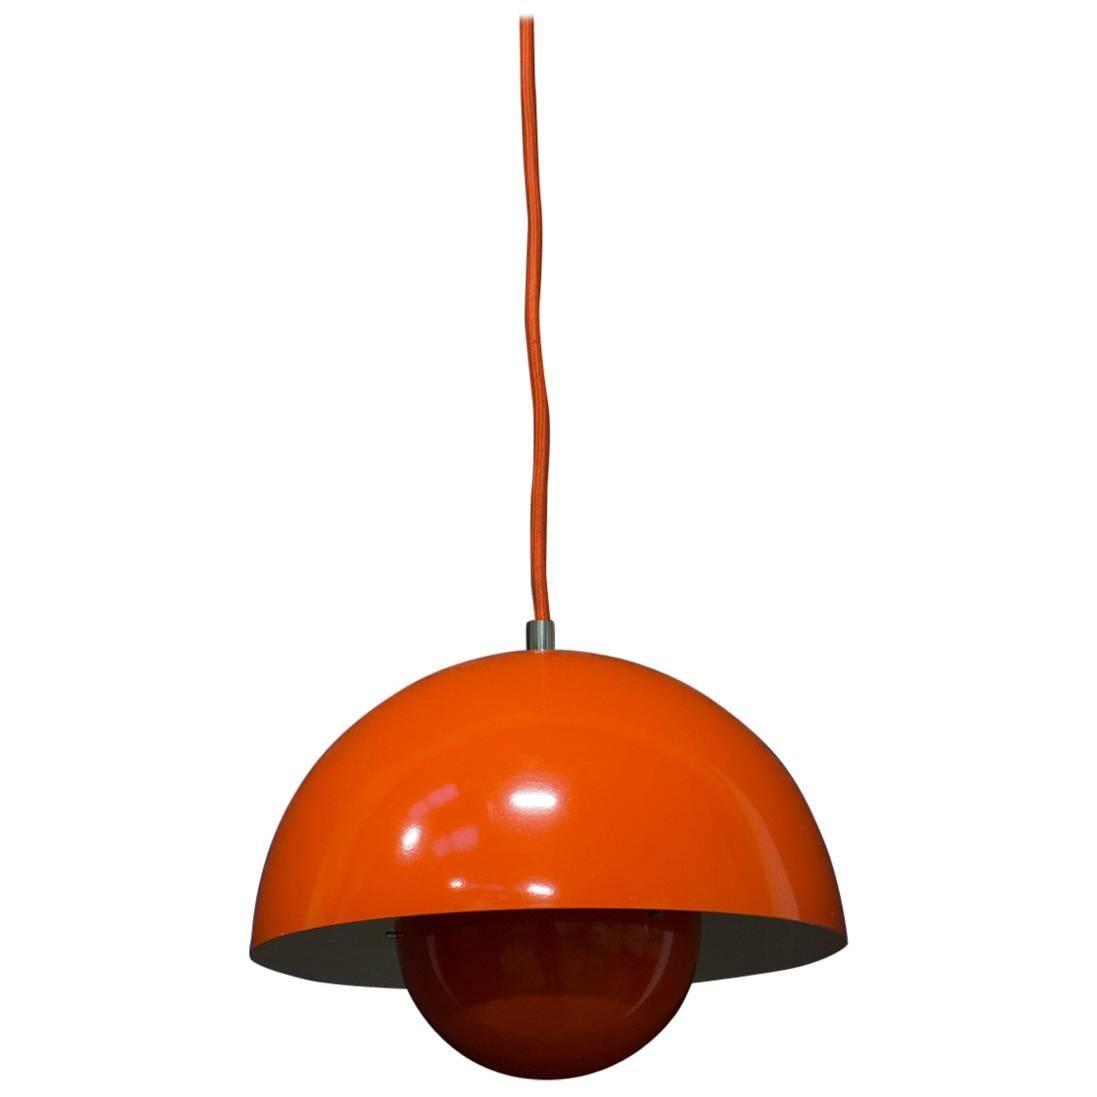 Verner panton lighting Table Lamp 1969 Verner Panton For Louis Poulsen Denmark Orange Flowerpot Pendant Light For Sale Aliexpresscom 1969 Verner Panton For Louis Poulsen Denmark Orange Flowerpot